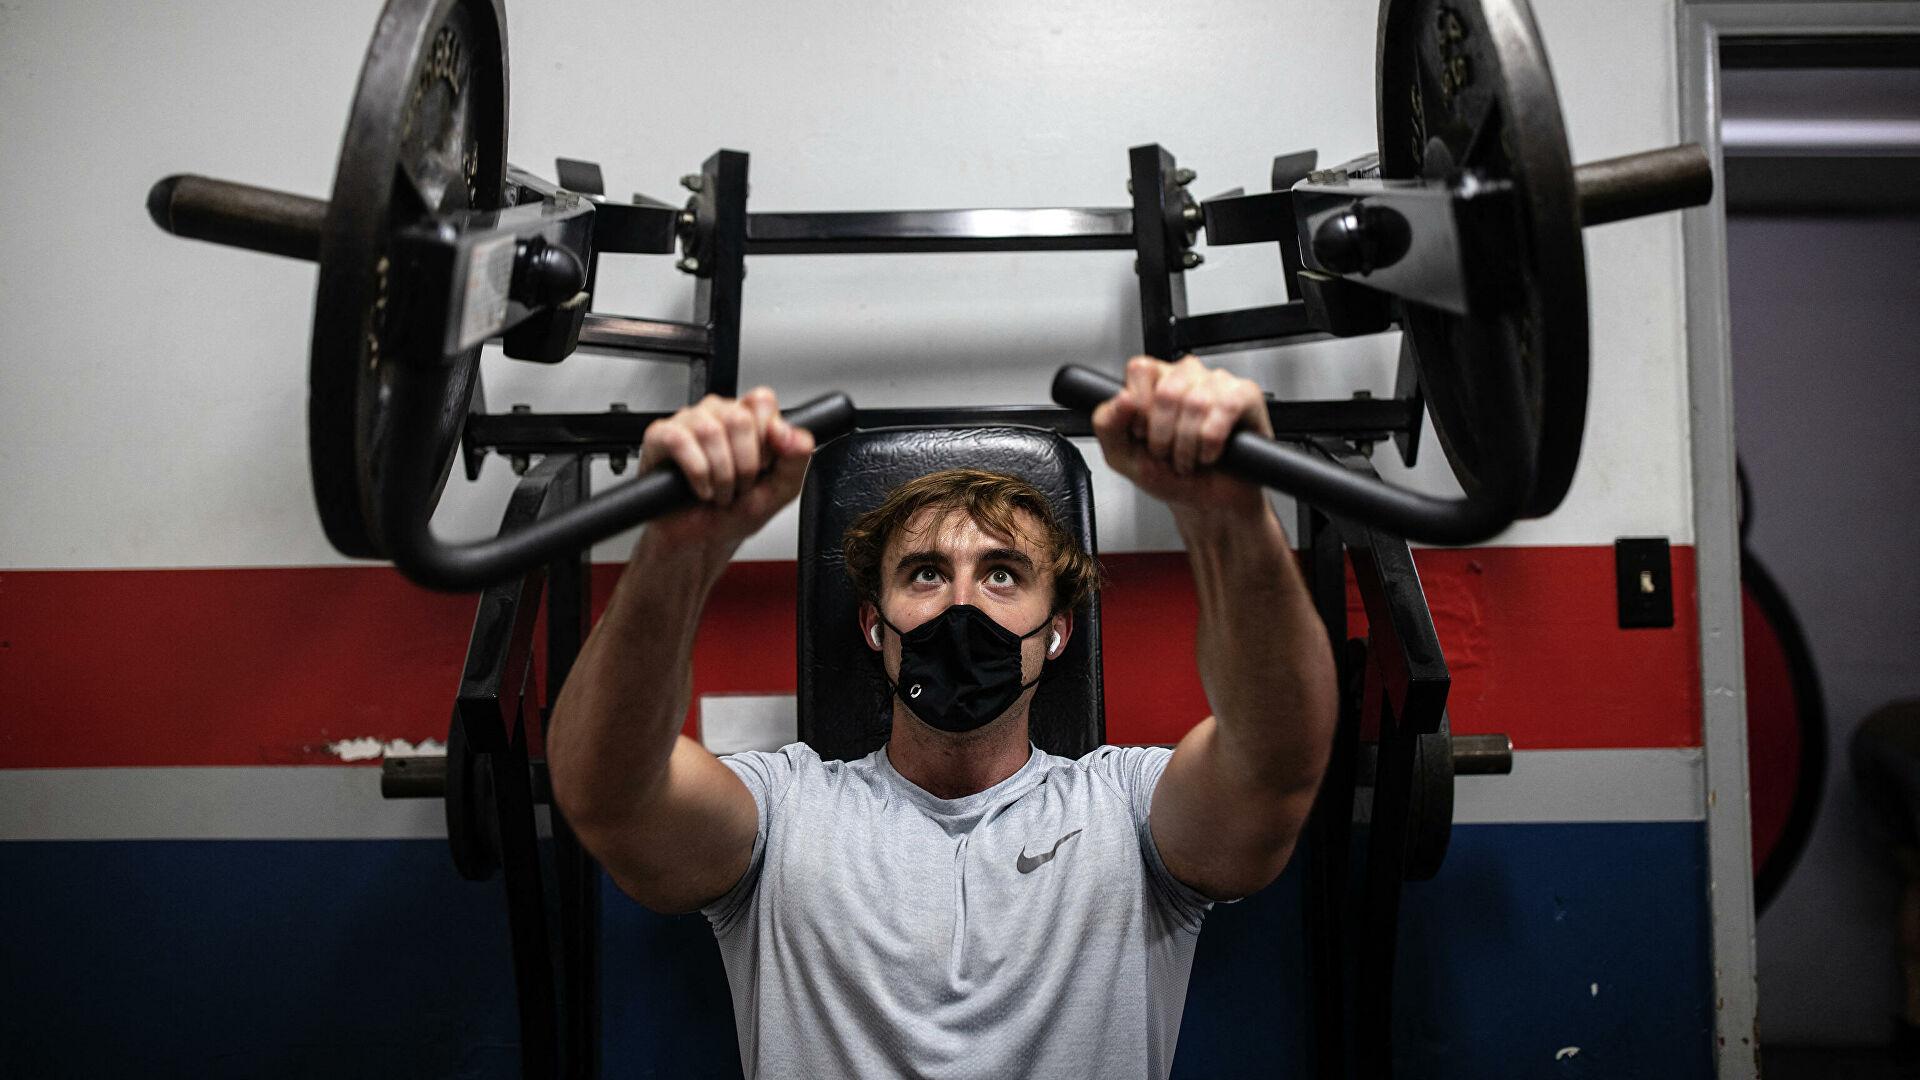 Γυμναστική διατροφή προπόνηση: Πέντε σημάδια ότι προπονείστε σωστά